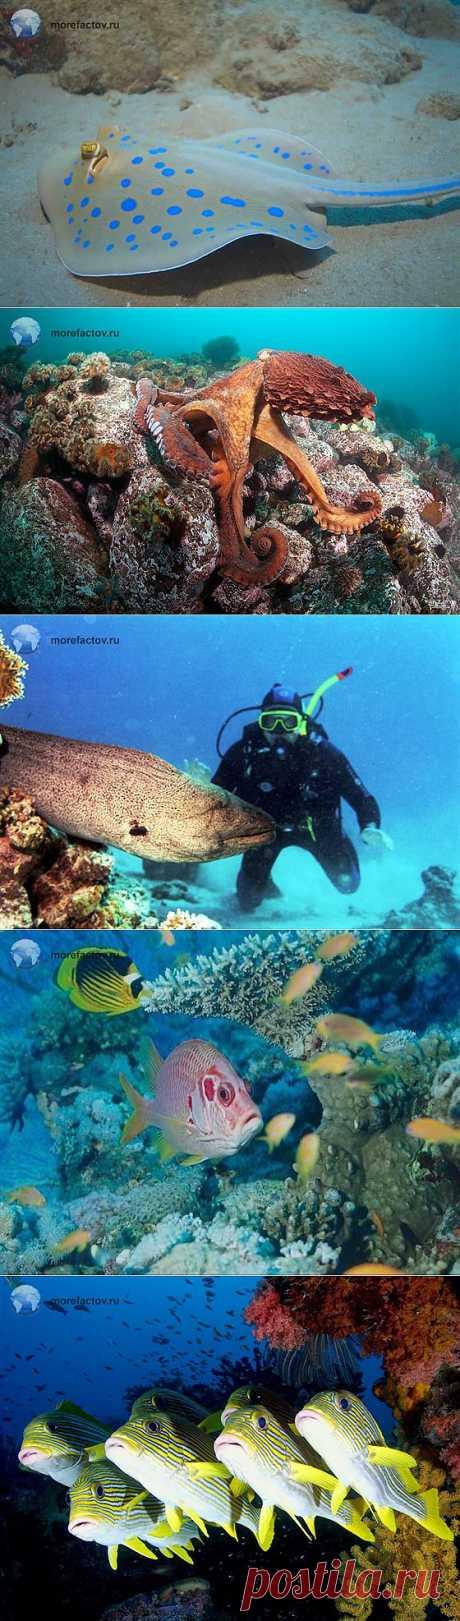 Красное море. Кораллы и рыбы Красного моря - Море Фактов